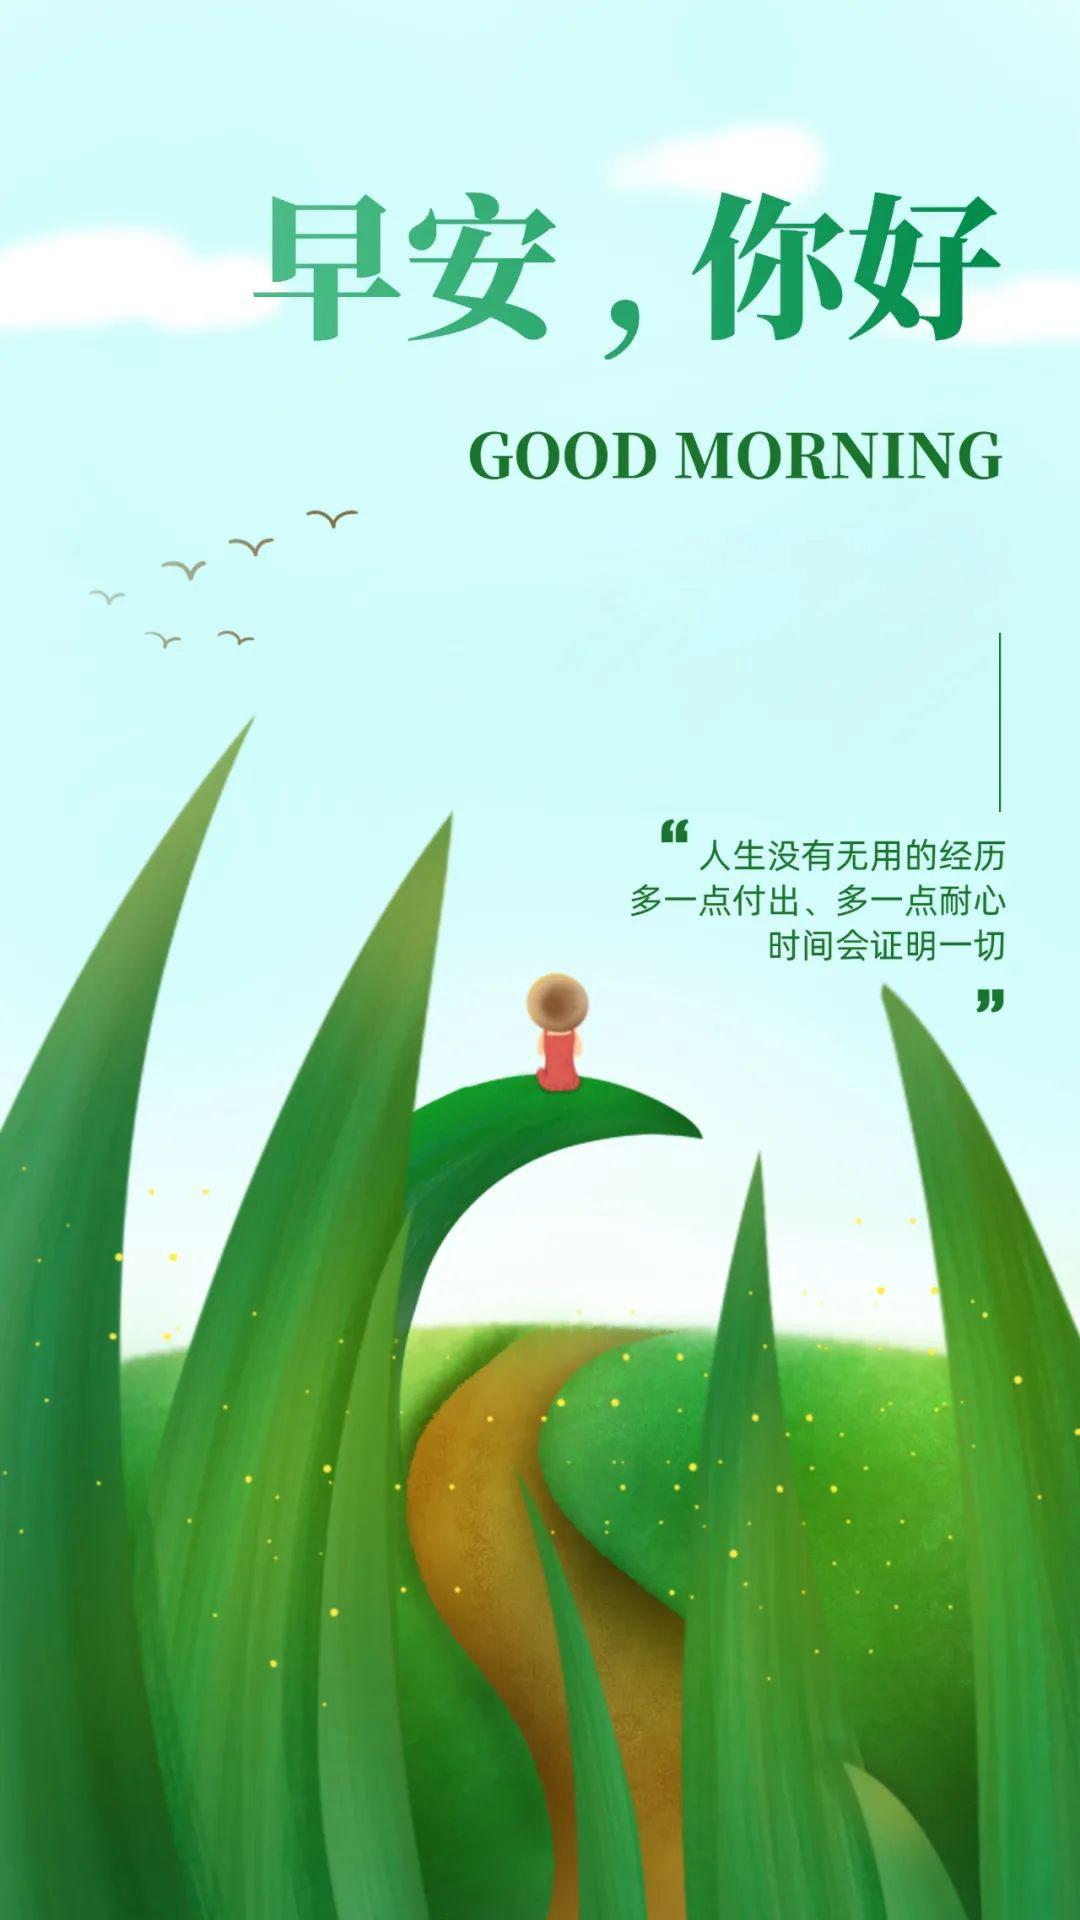 周二早晨好正能量图片问候语,励志激励早安语